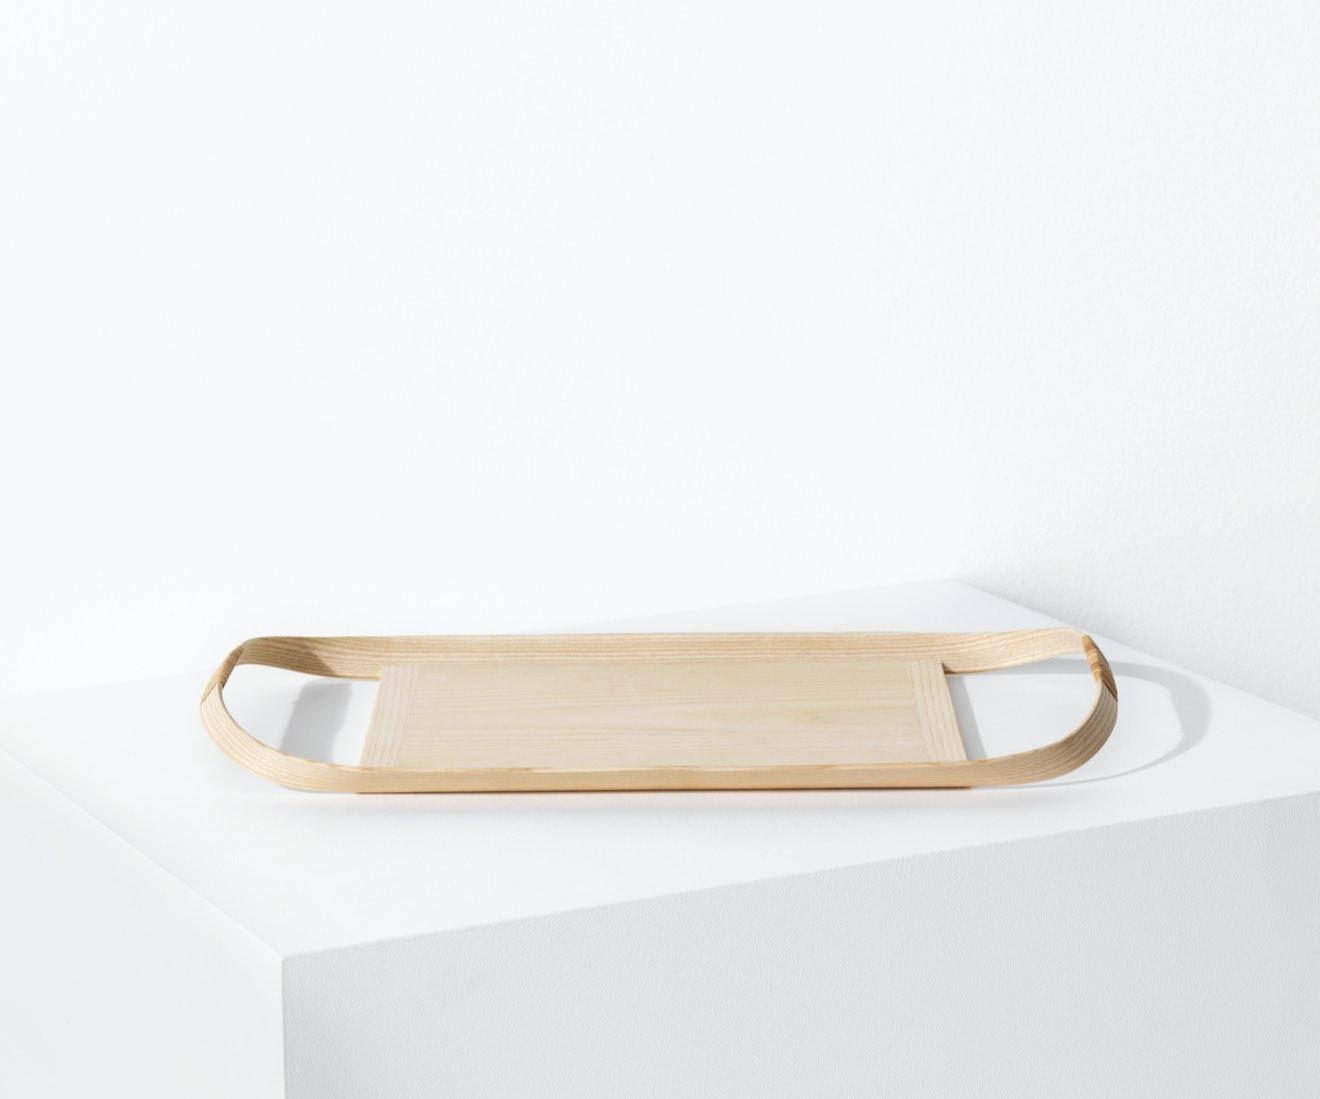 Motarasu Products - Union tray by Masuko Unayama - small